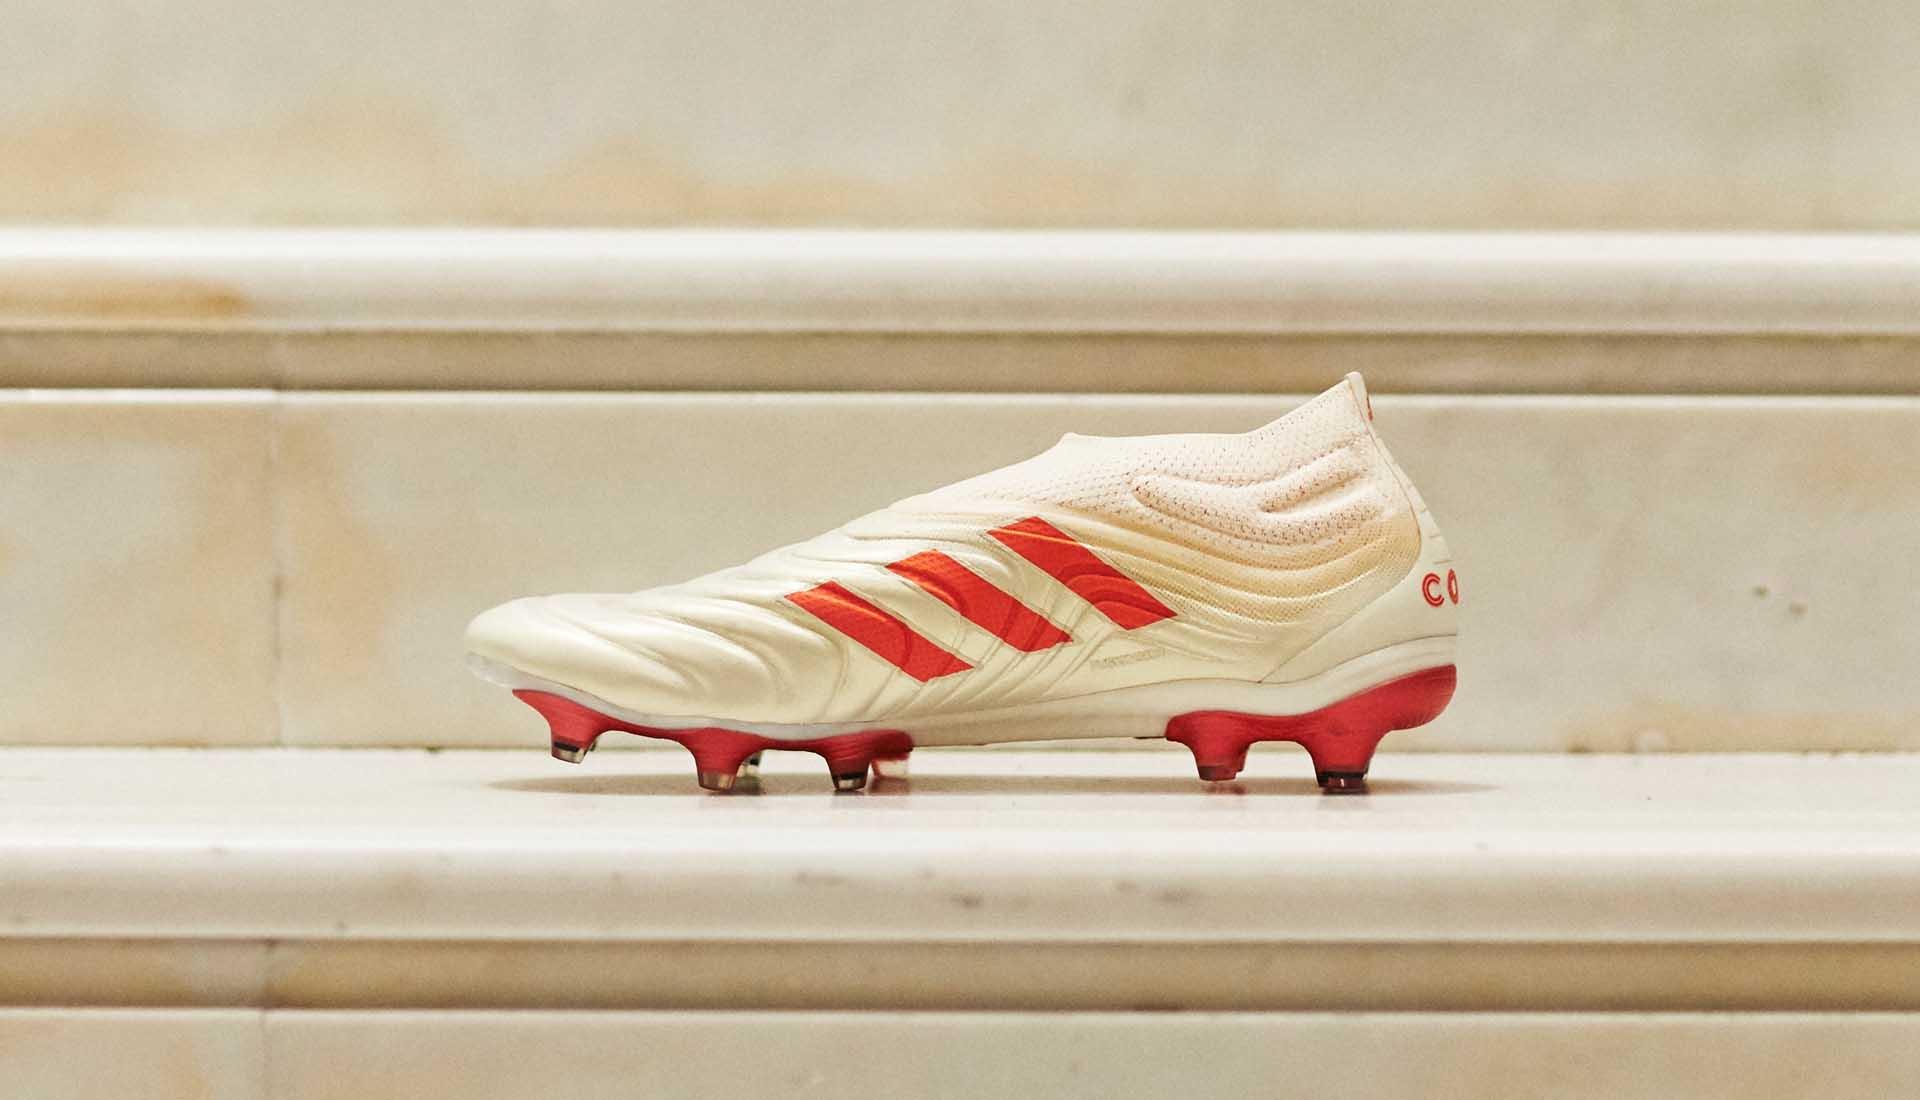 Mød adidas Copa 19+ | Den første læderstøvle uden snørebånd |